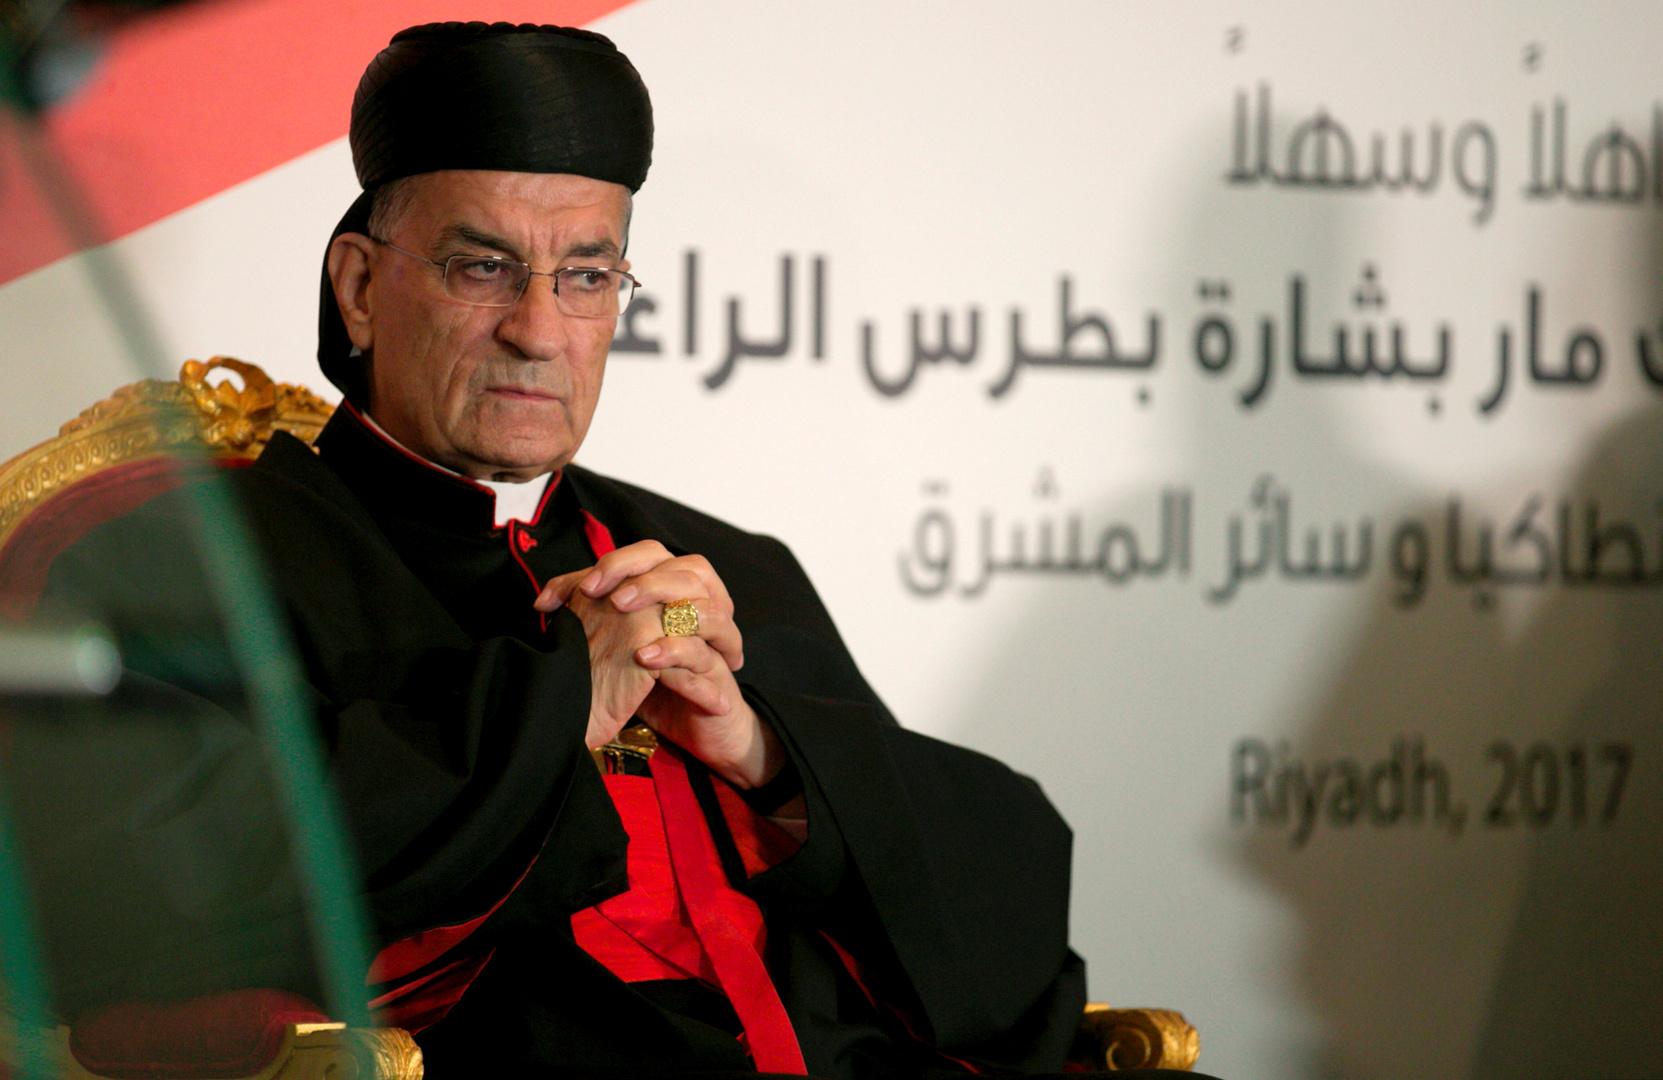 البطريرك الماروني يدعو السلطات اللبنانية لـ